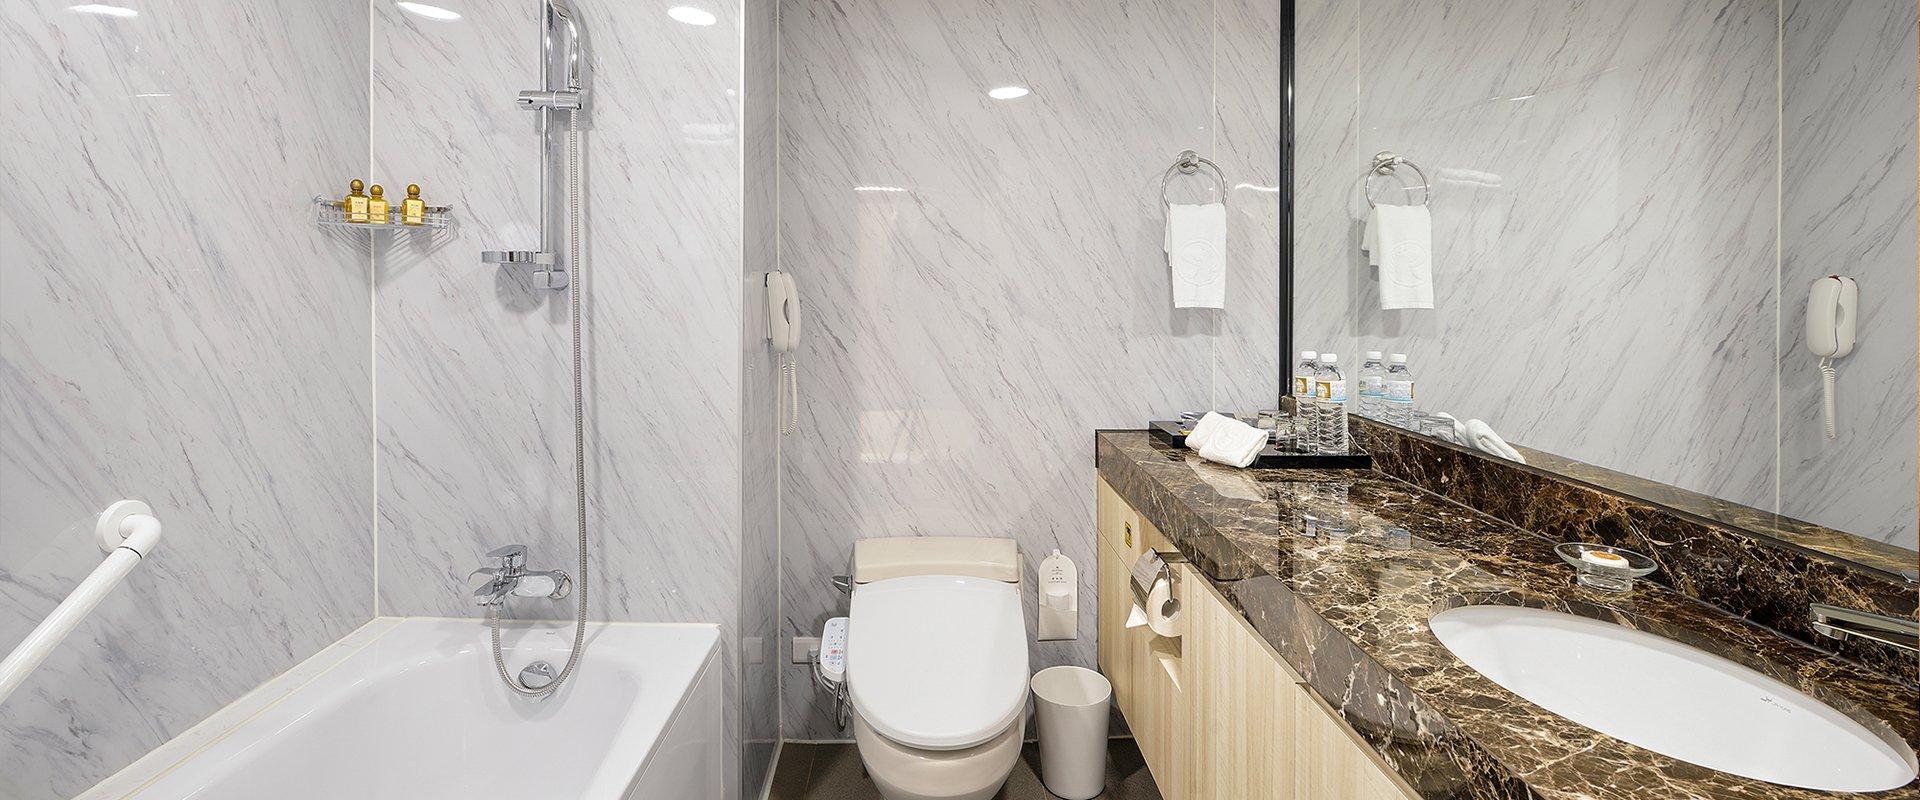 雅緻客房-衛浴